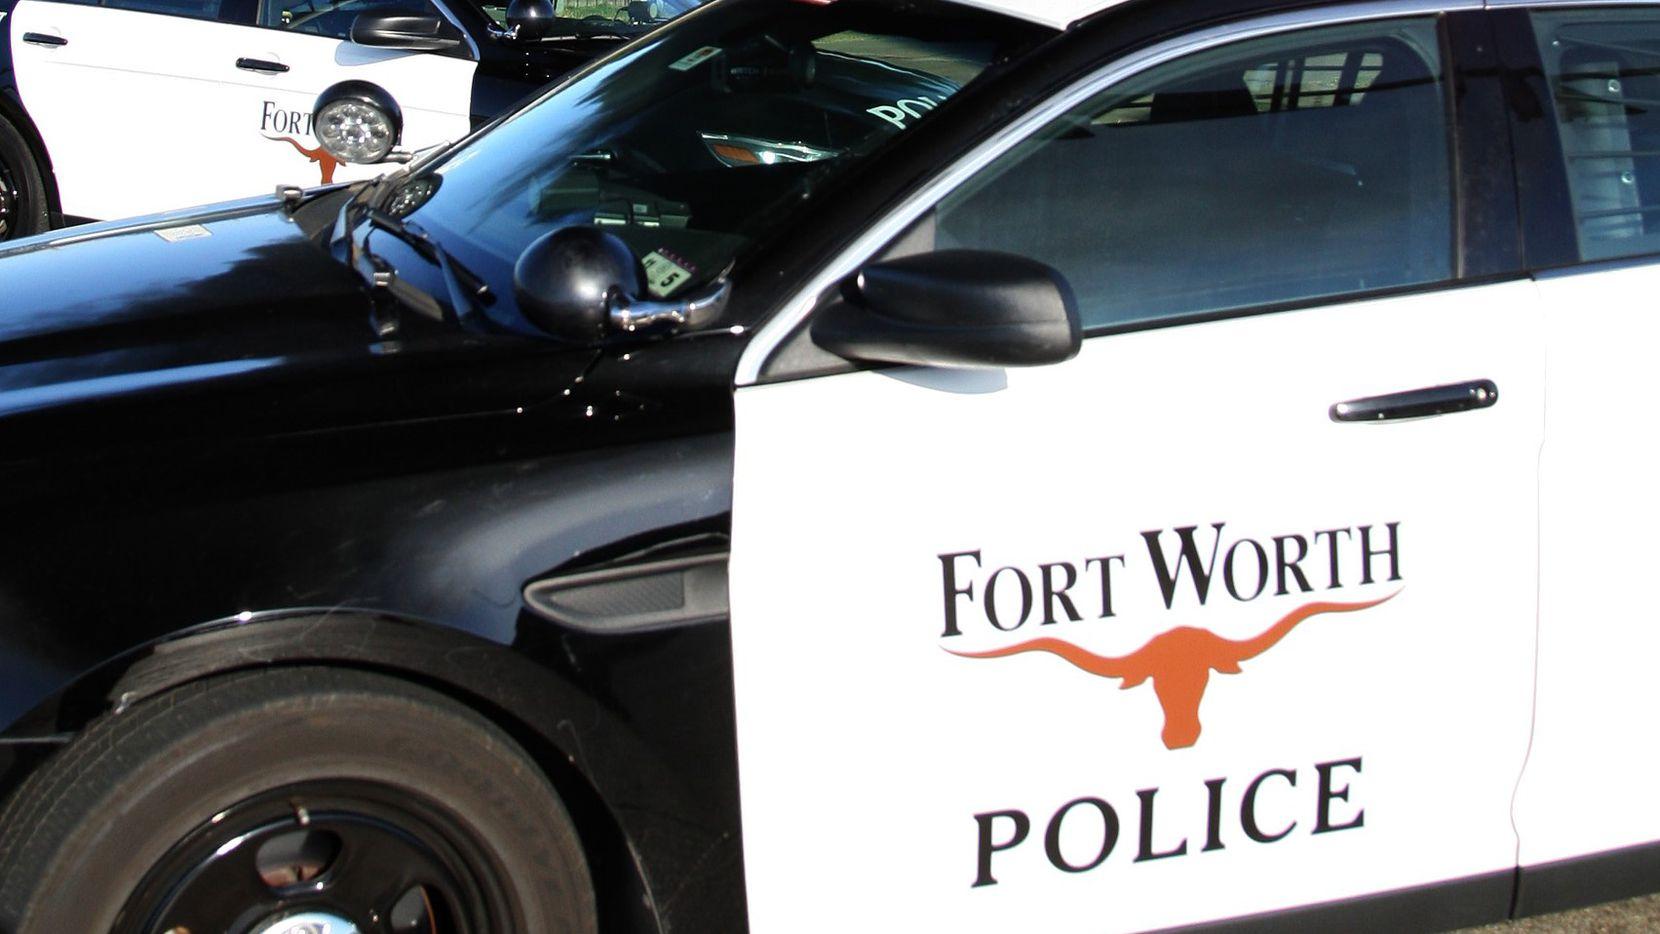 La Policía de Fort Worth busca a nuevos agentes y abrió su convocatoria para solicitar la entrada a la corporación.